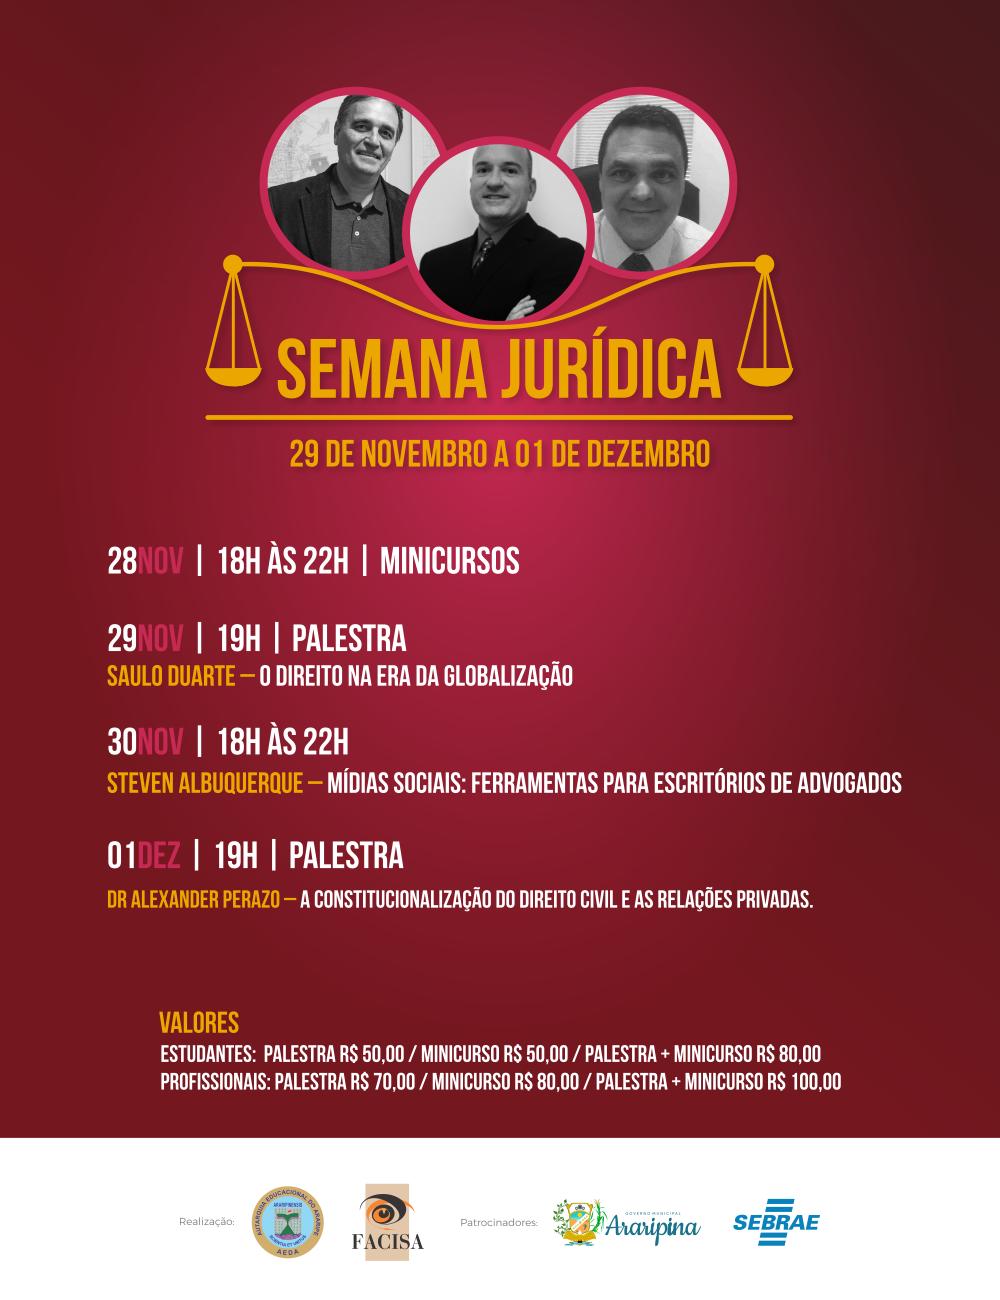 Aeda e Facisa promovem Semana Jurídica com palestras e minicursos